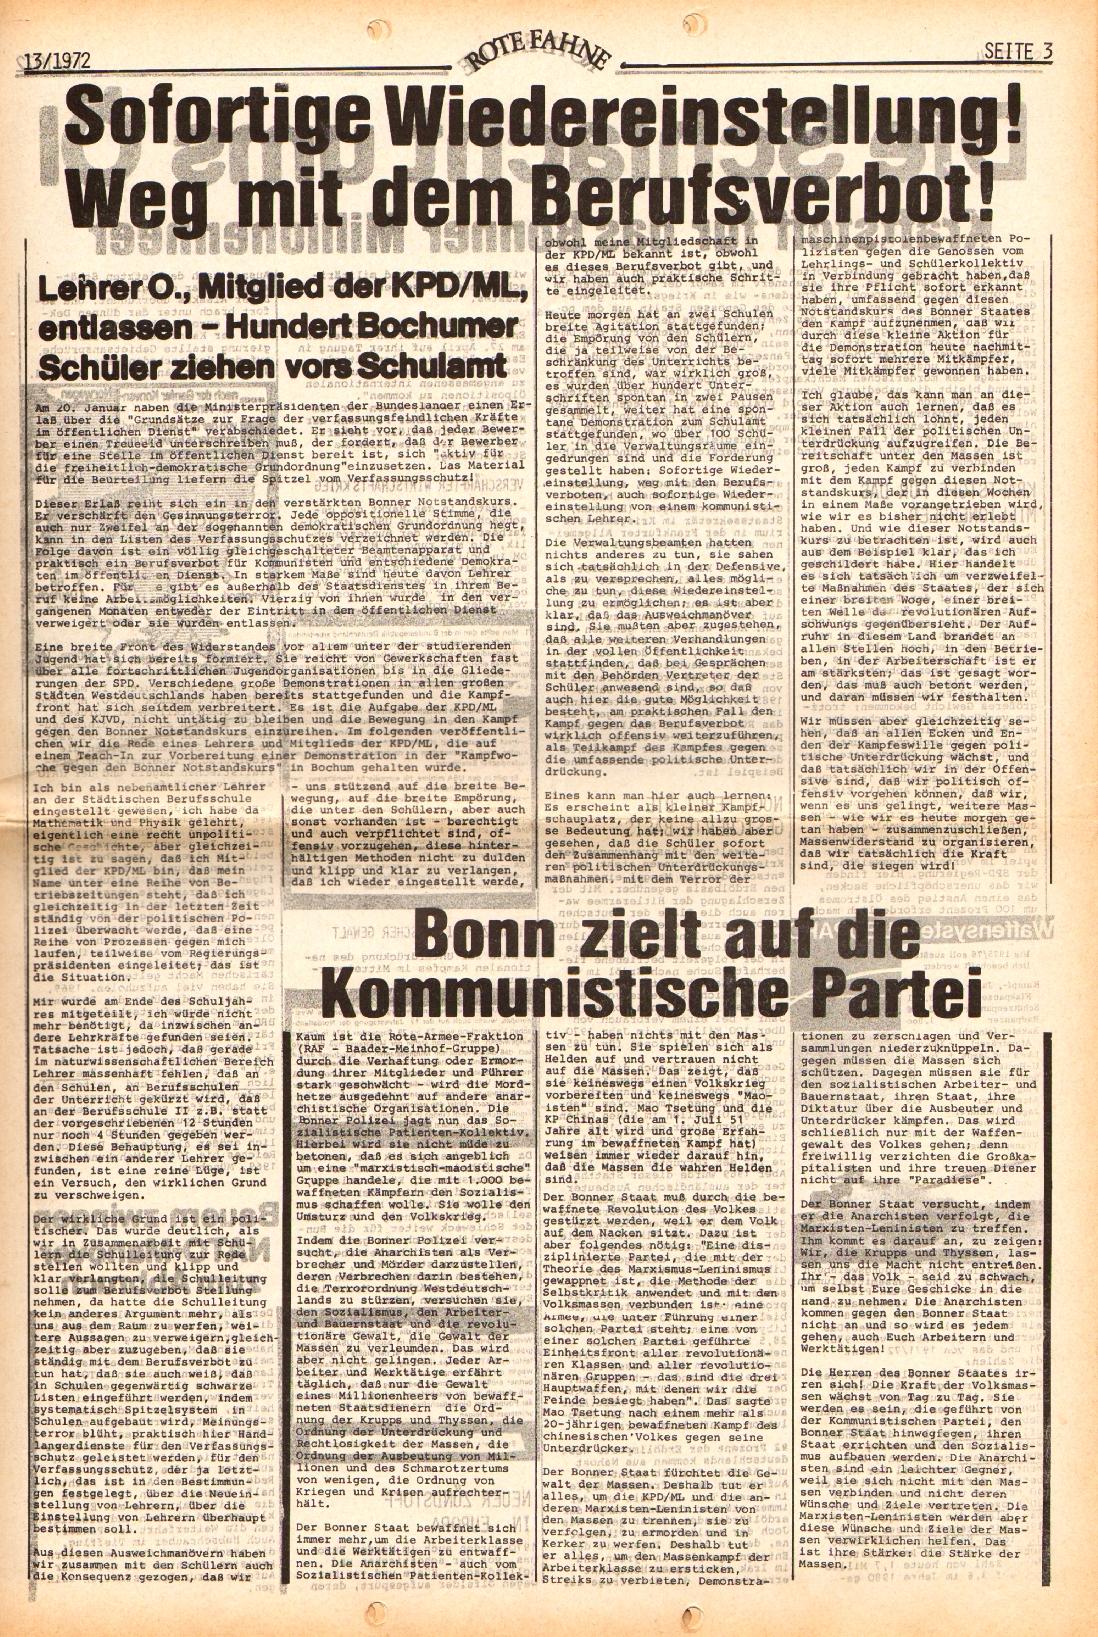 Rote Fahne, 3. Jg., 28.6.1972, Nr. 13, Seite 3